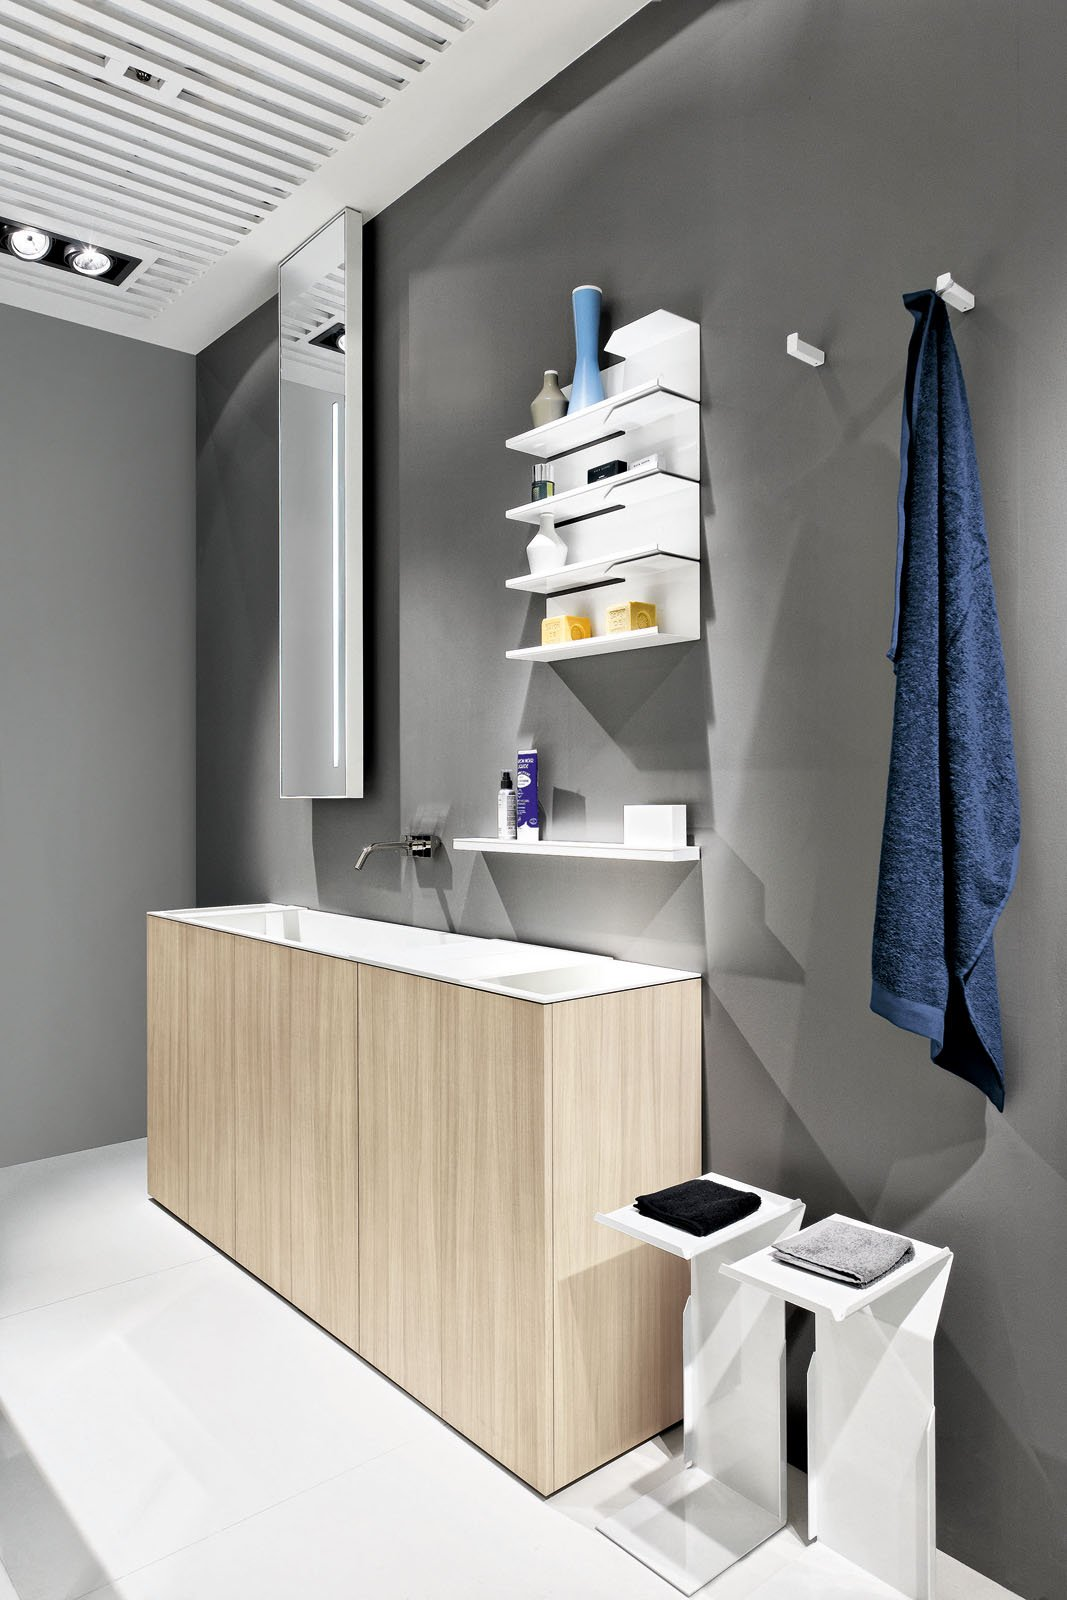 Casa moderna roma italy lavabo con mobile per bagno for Bagno della casa moderna